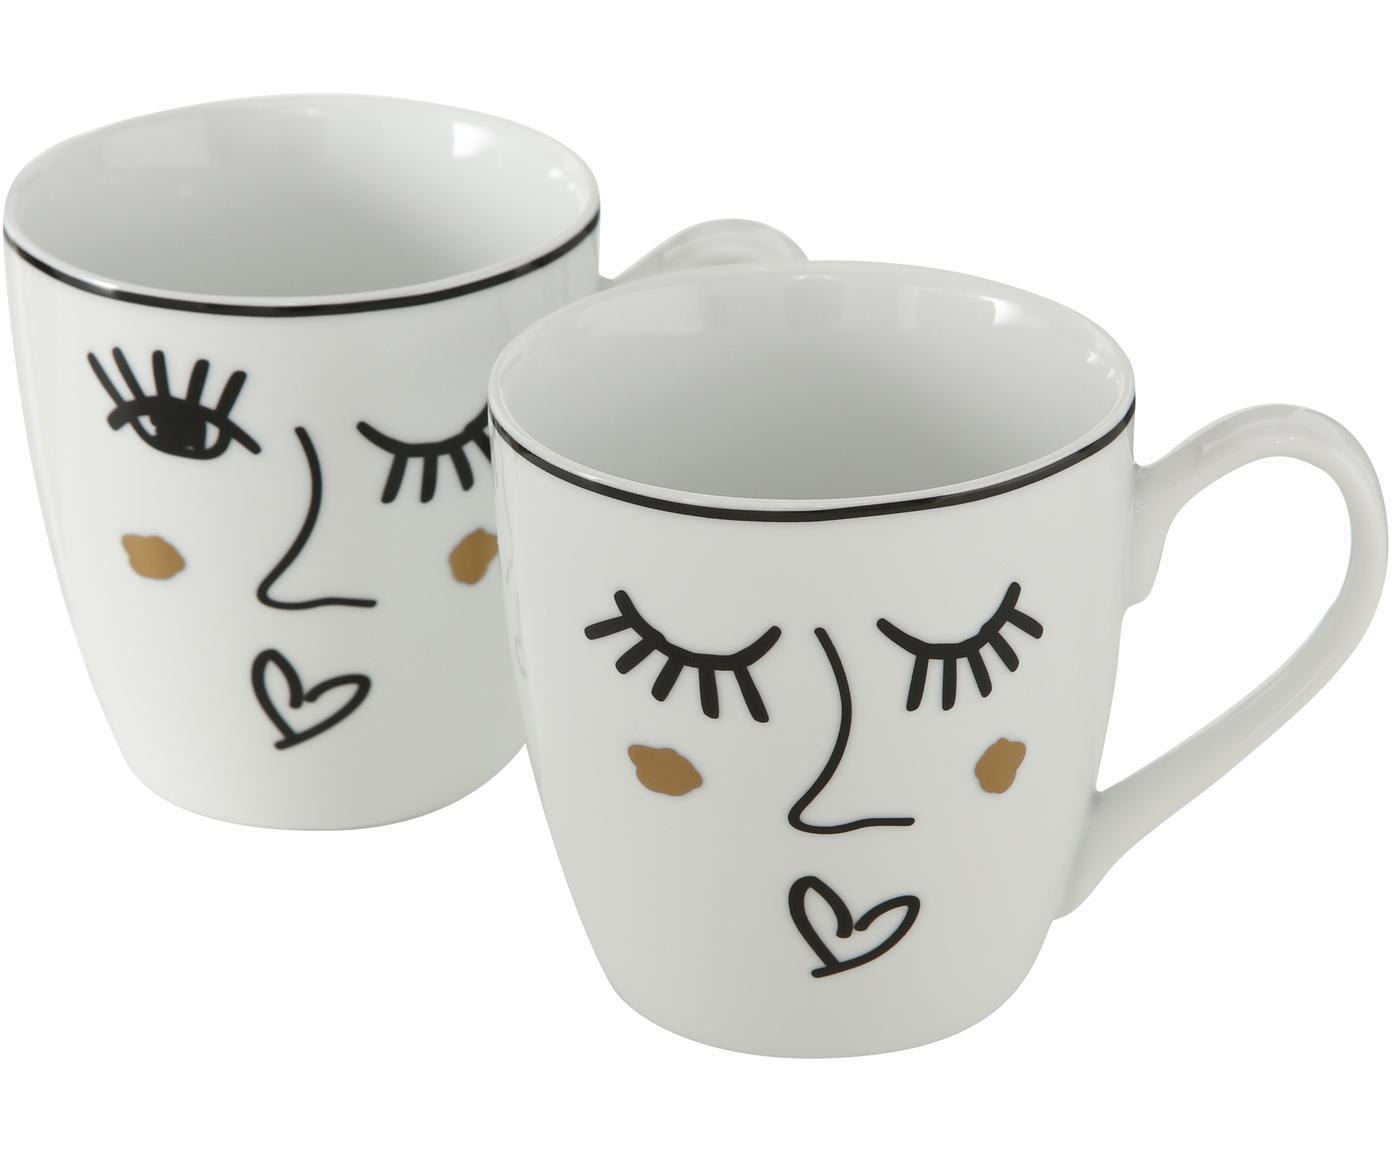 Tassen-Set Glamy, 2-tlg., Porzellan, Weiss, Schwarz, Ø 10 x H 10 cm